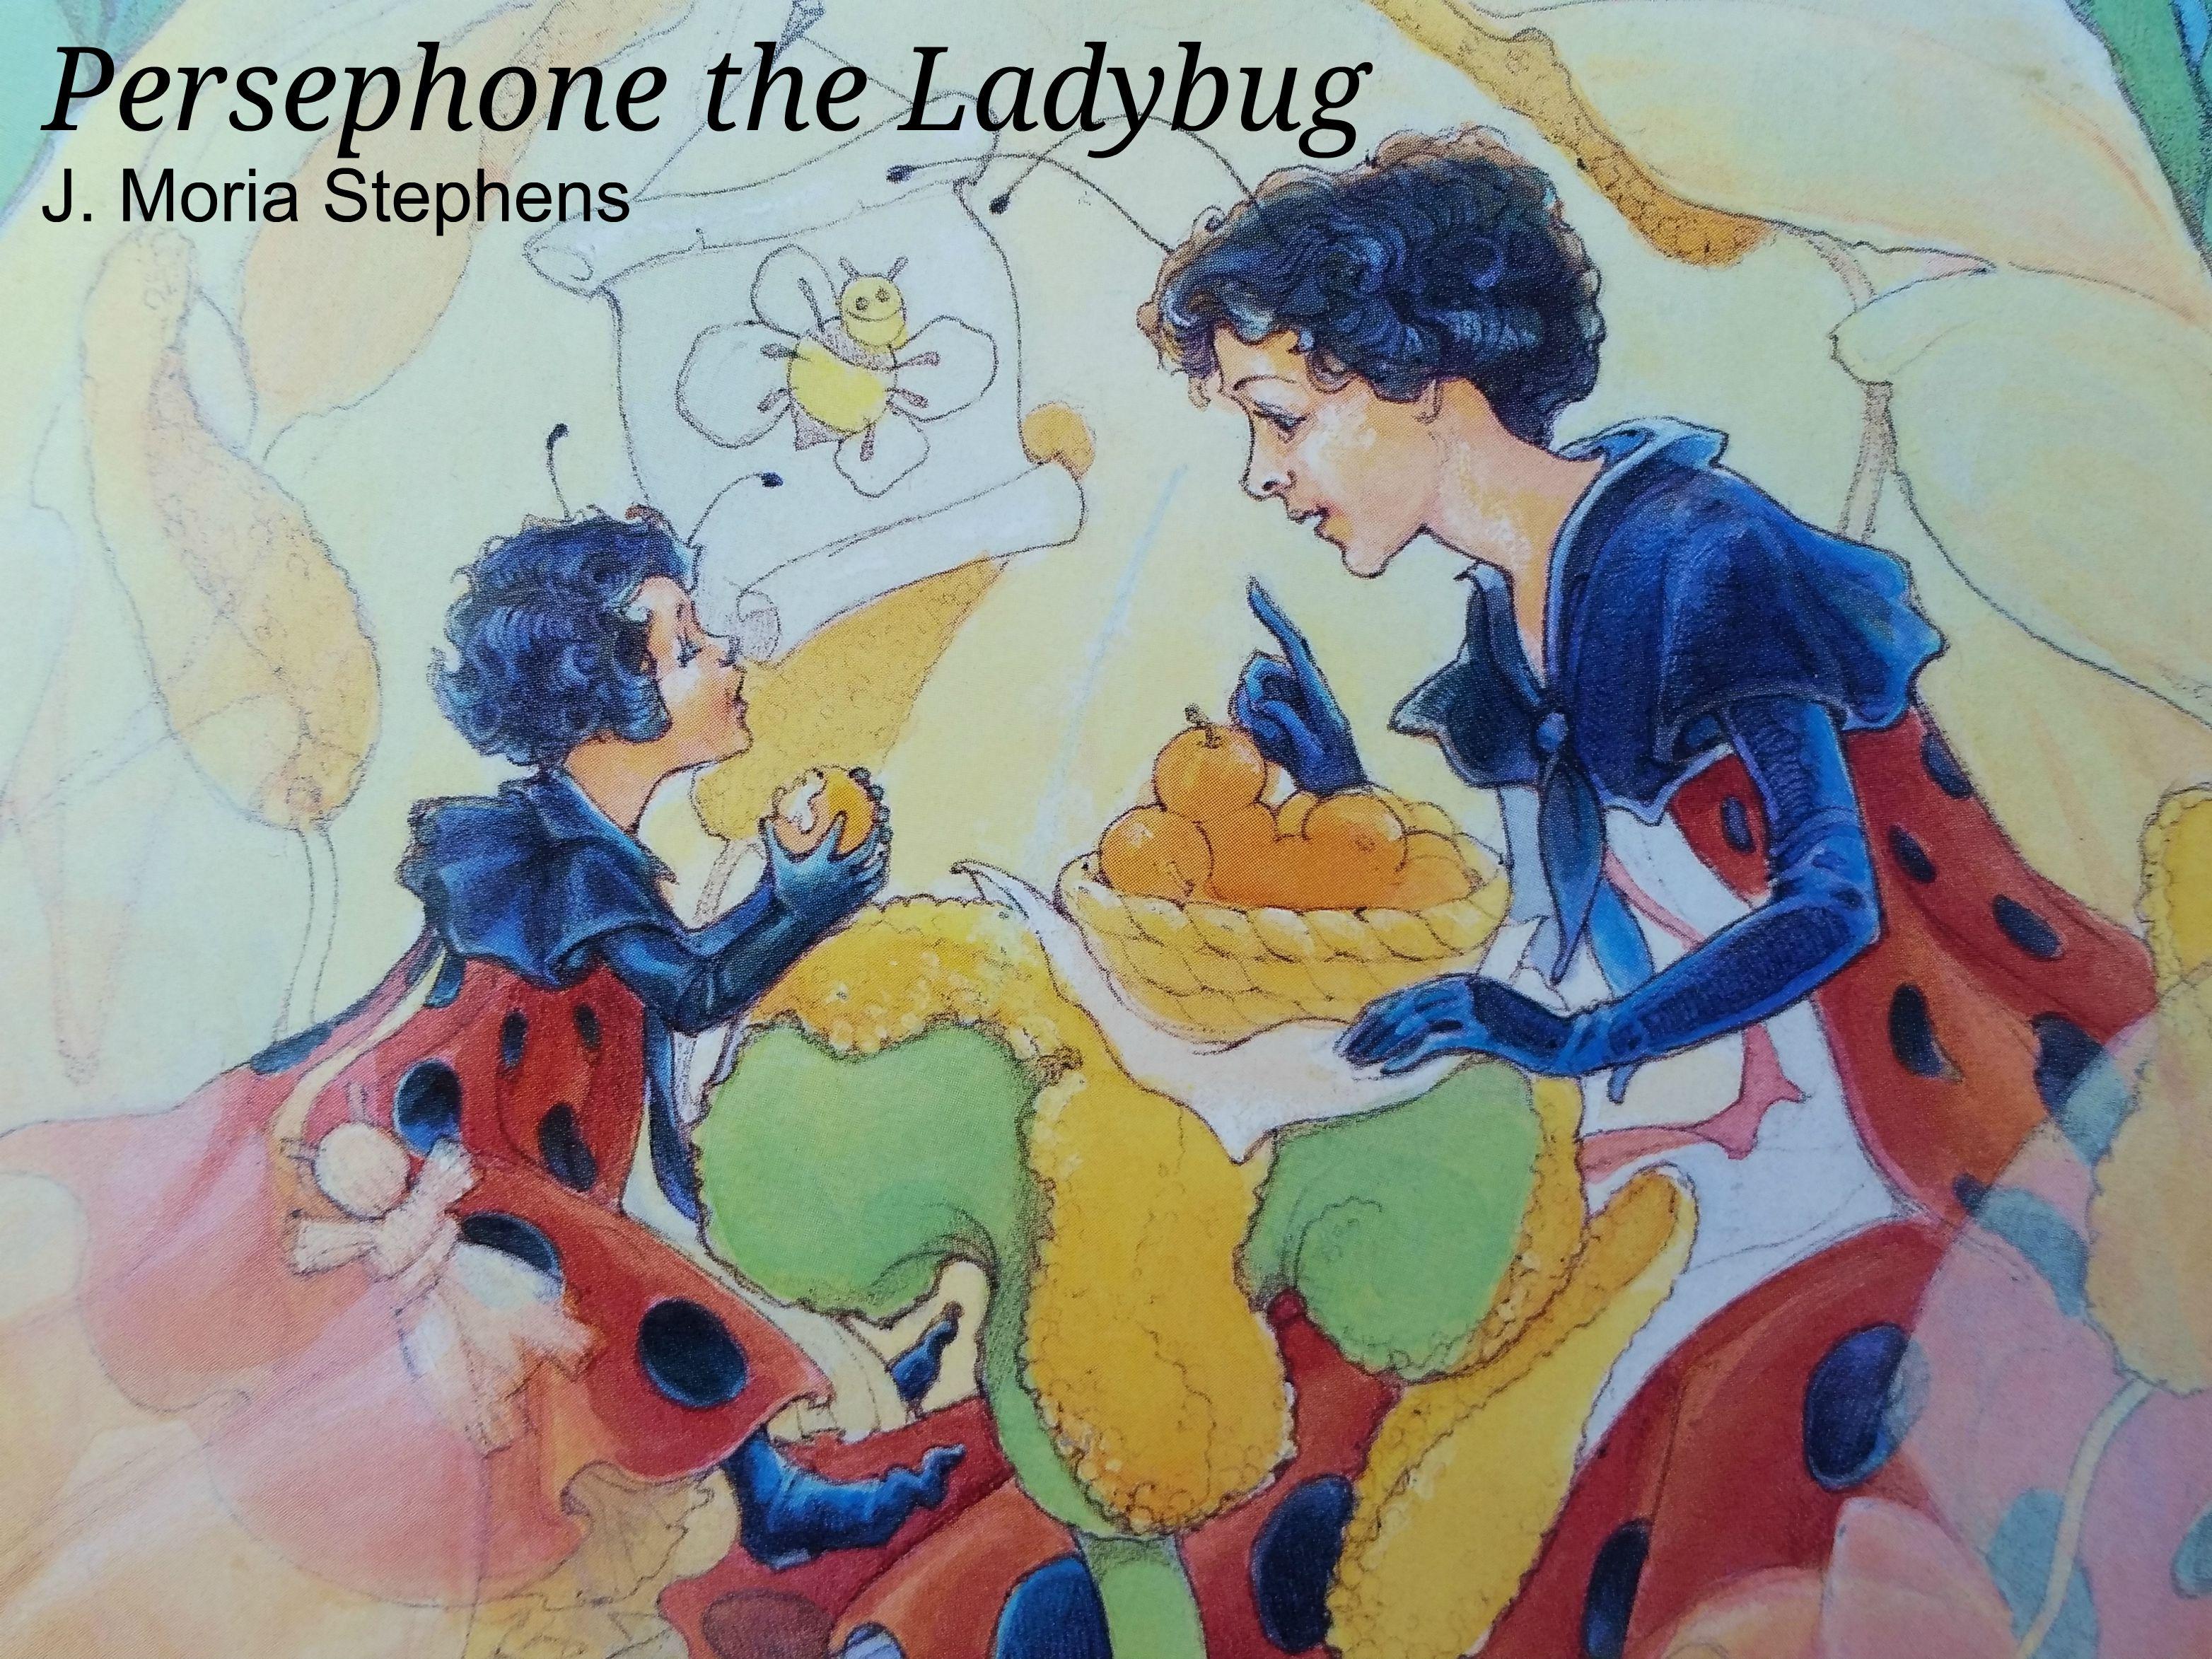 PersephonetheLadybug